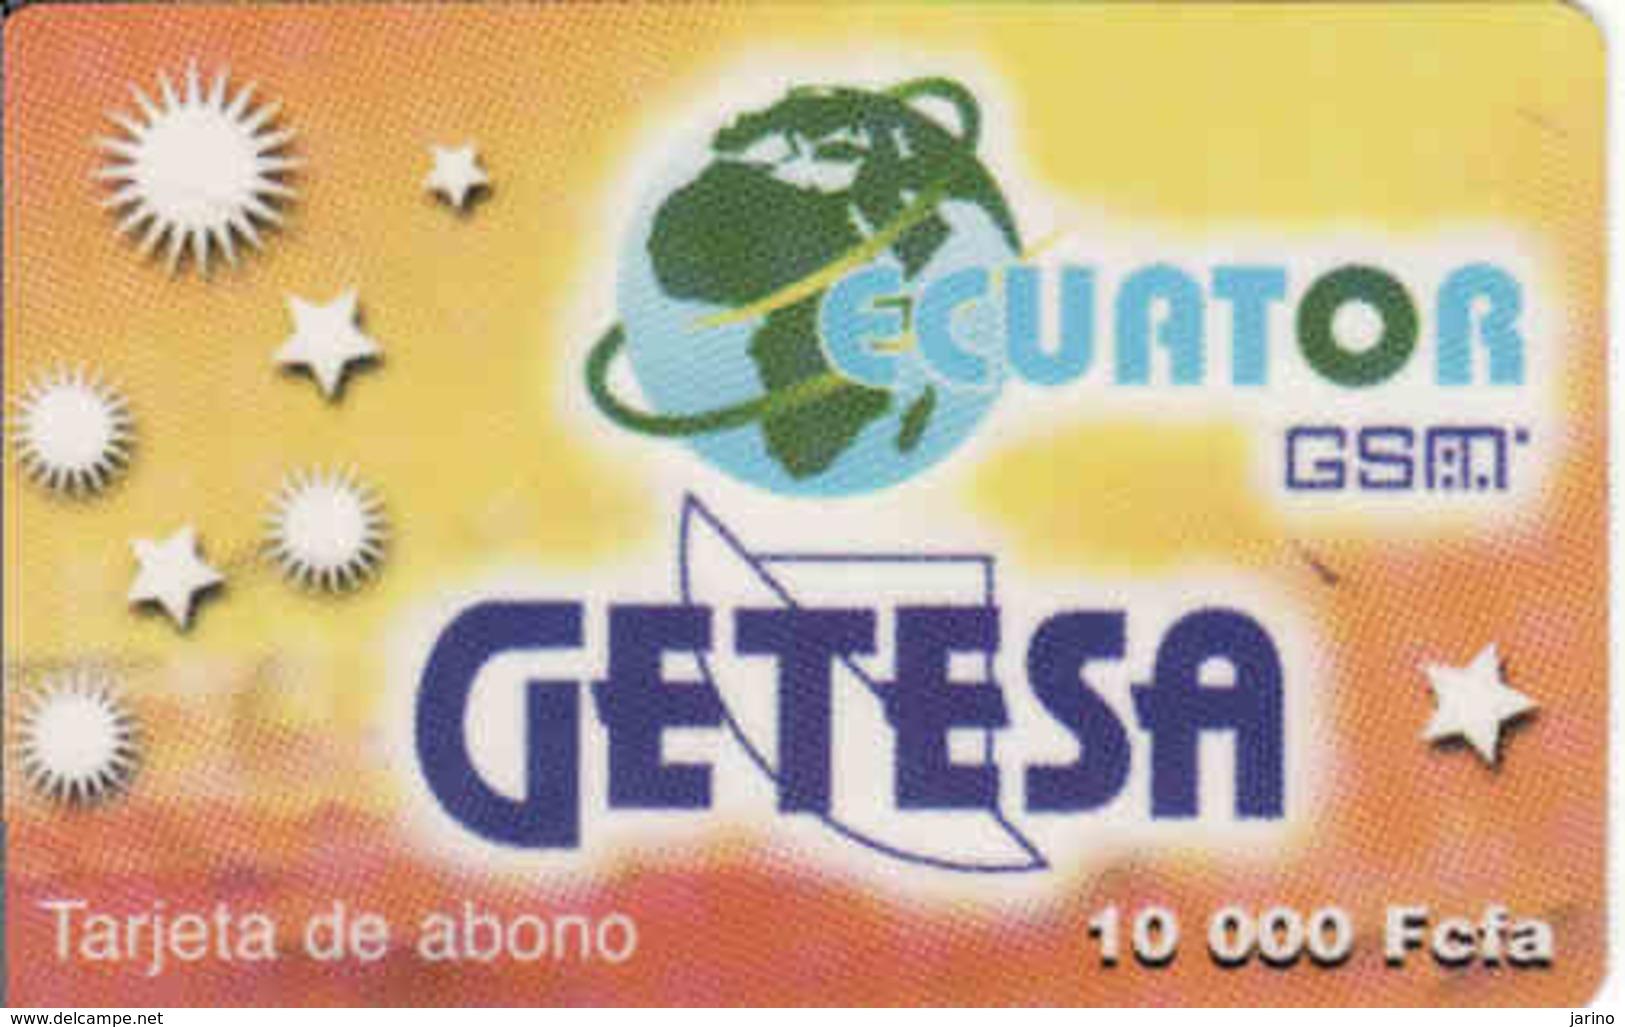 Equatorial Gunea Getesa 10 000 Fcfa - Equatorial Guinea